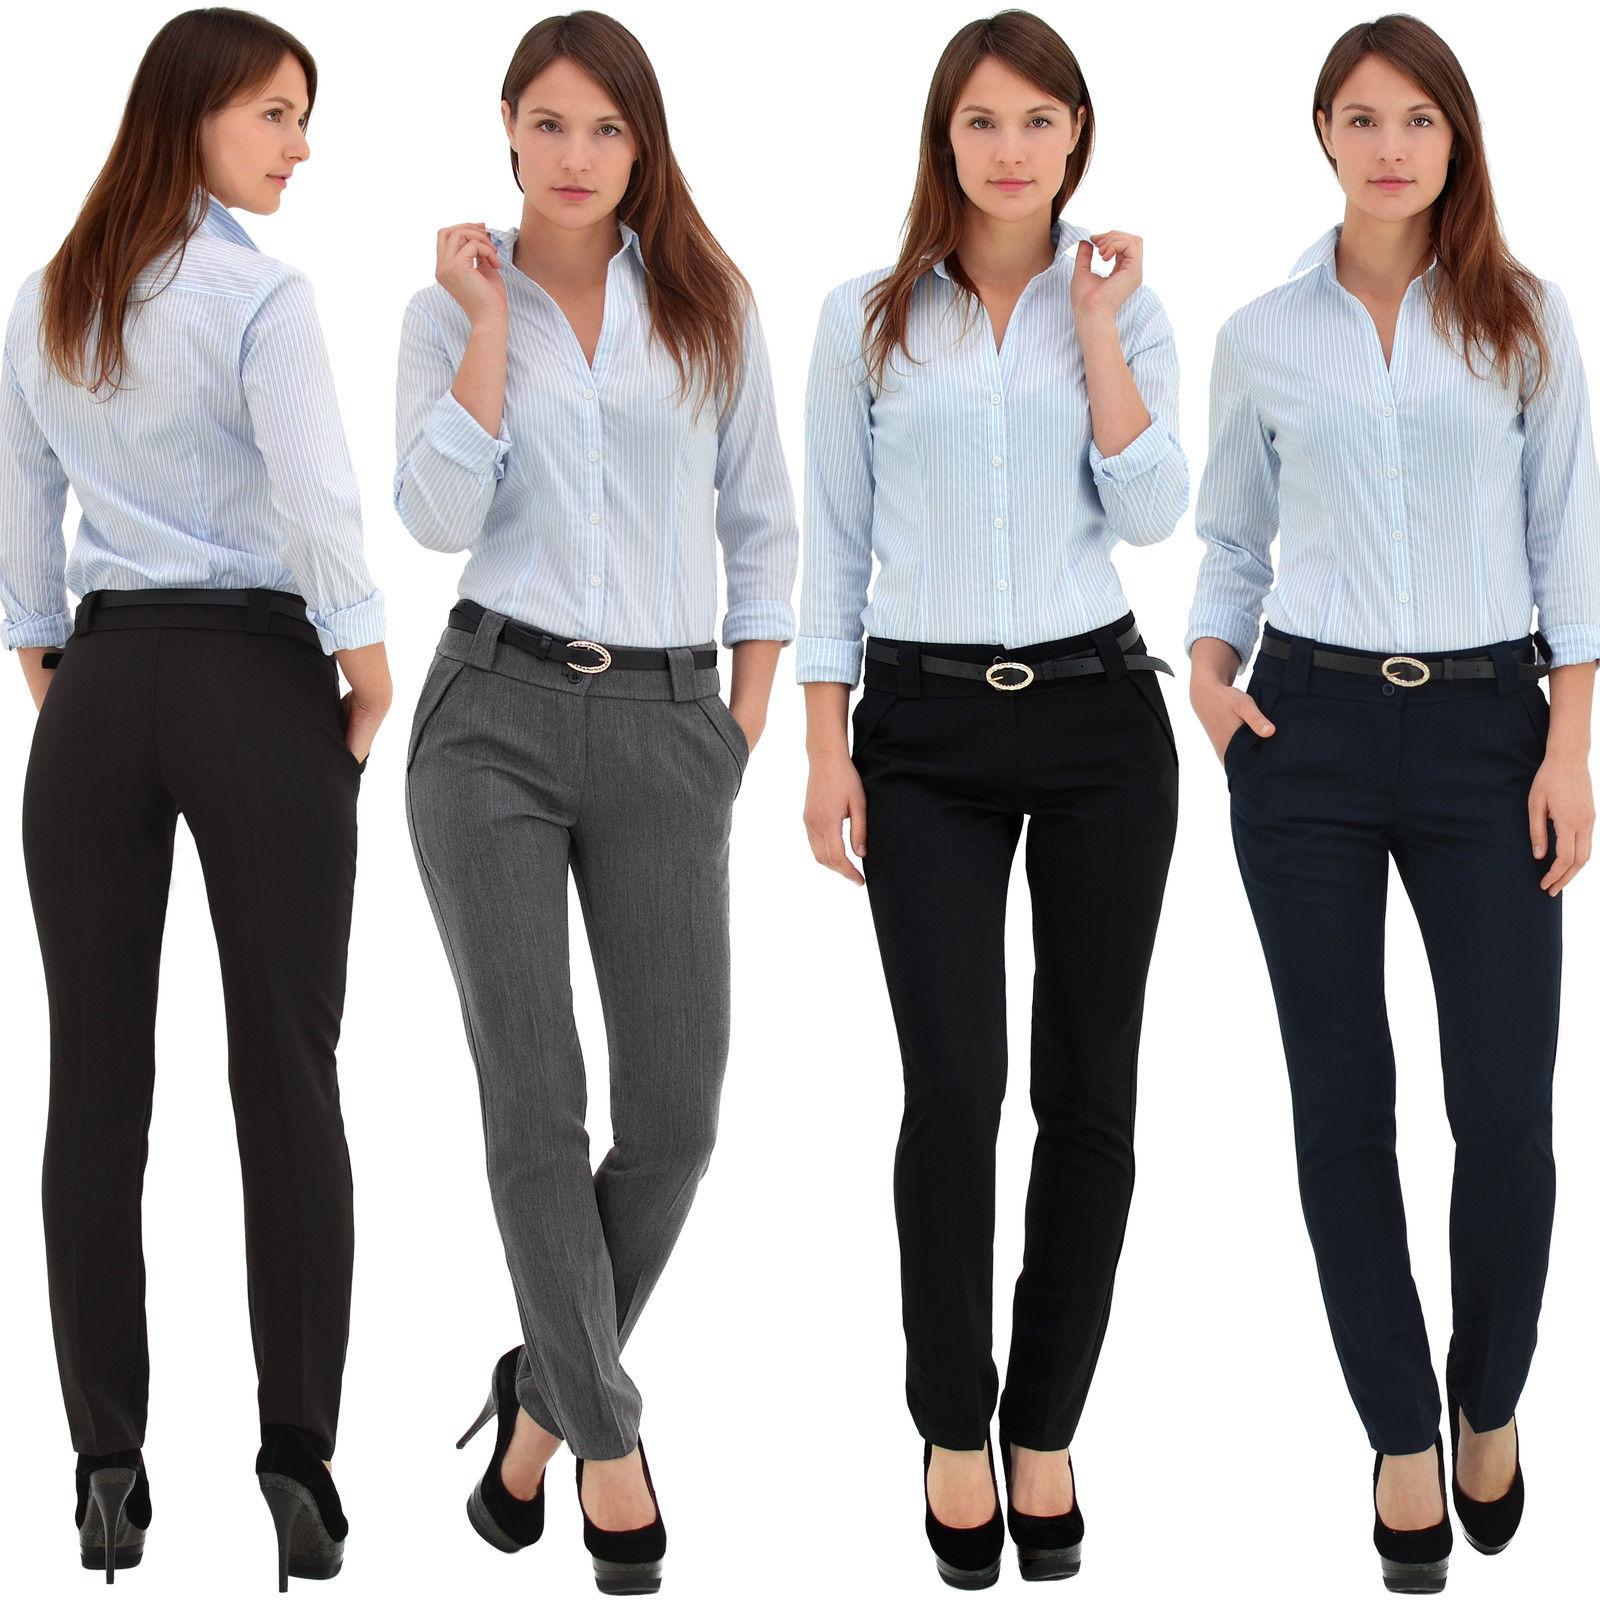 Mode für Damen